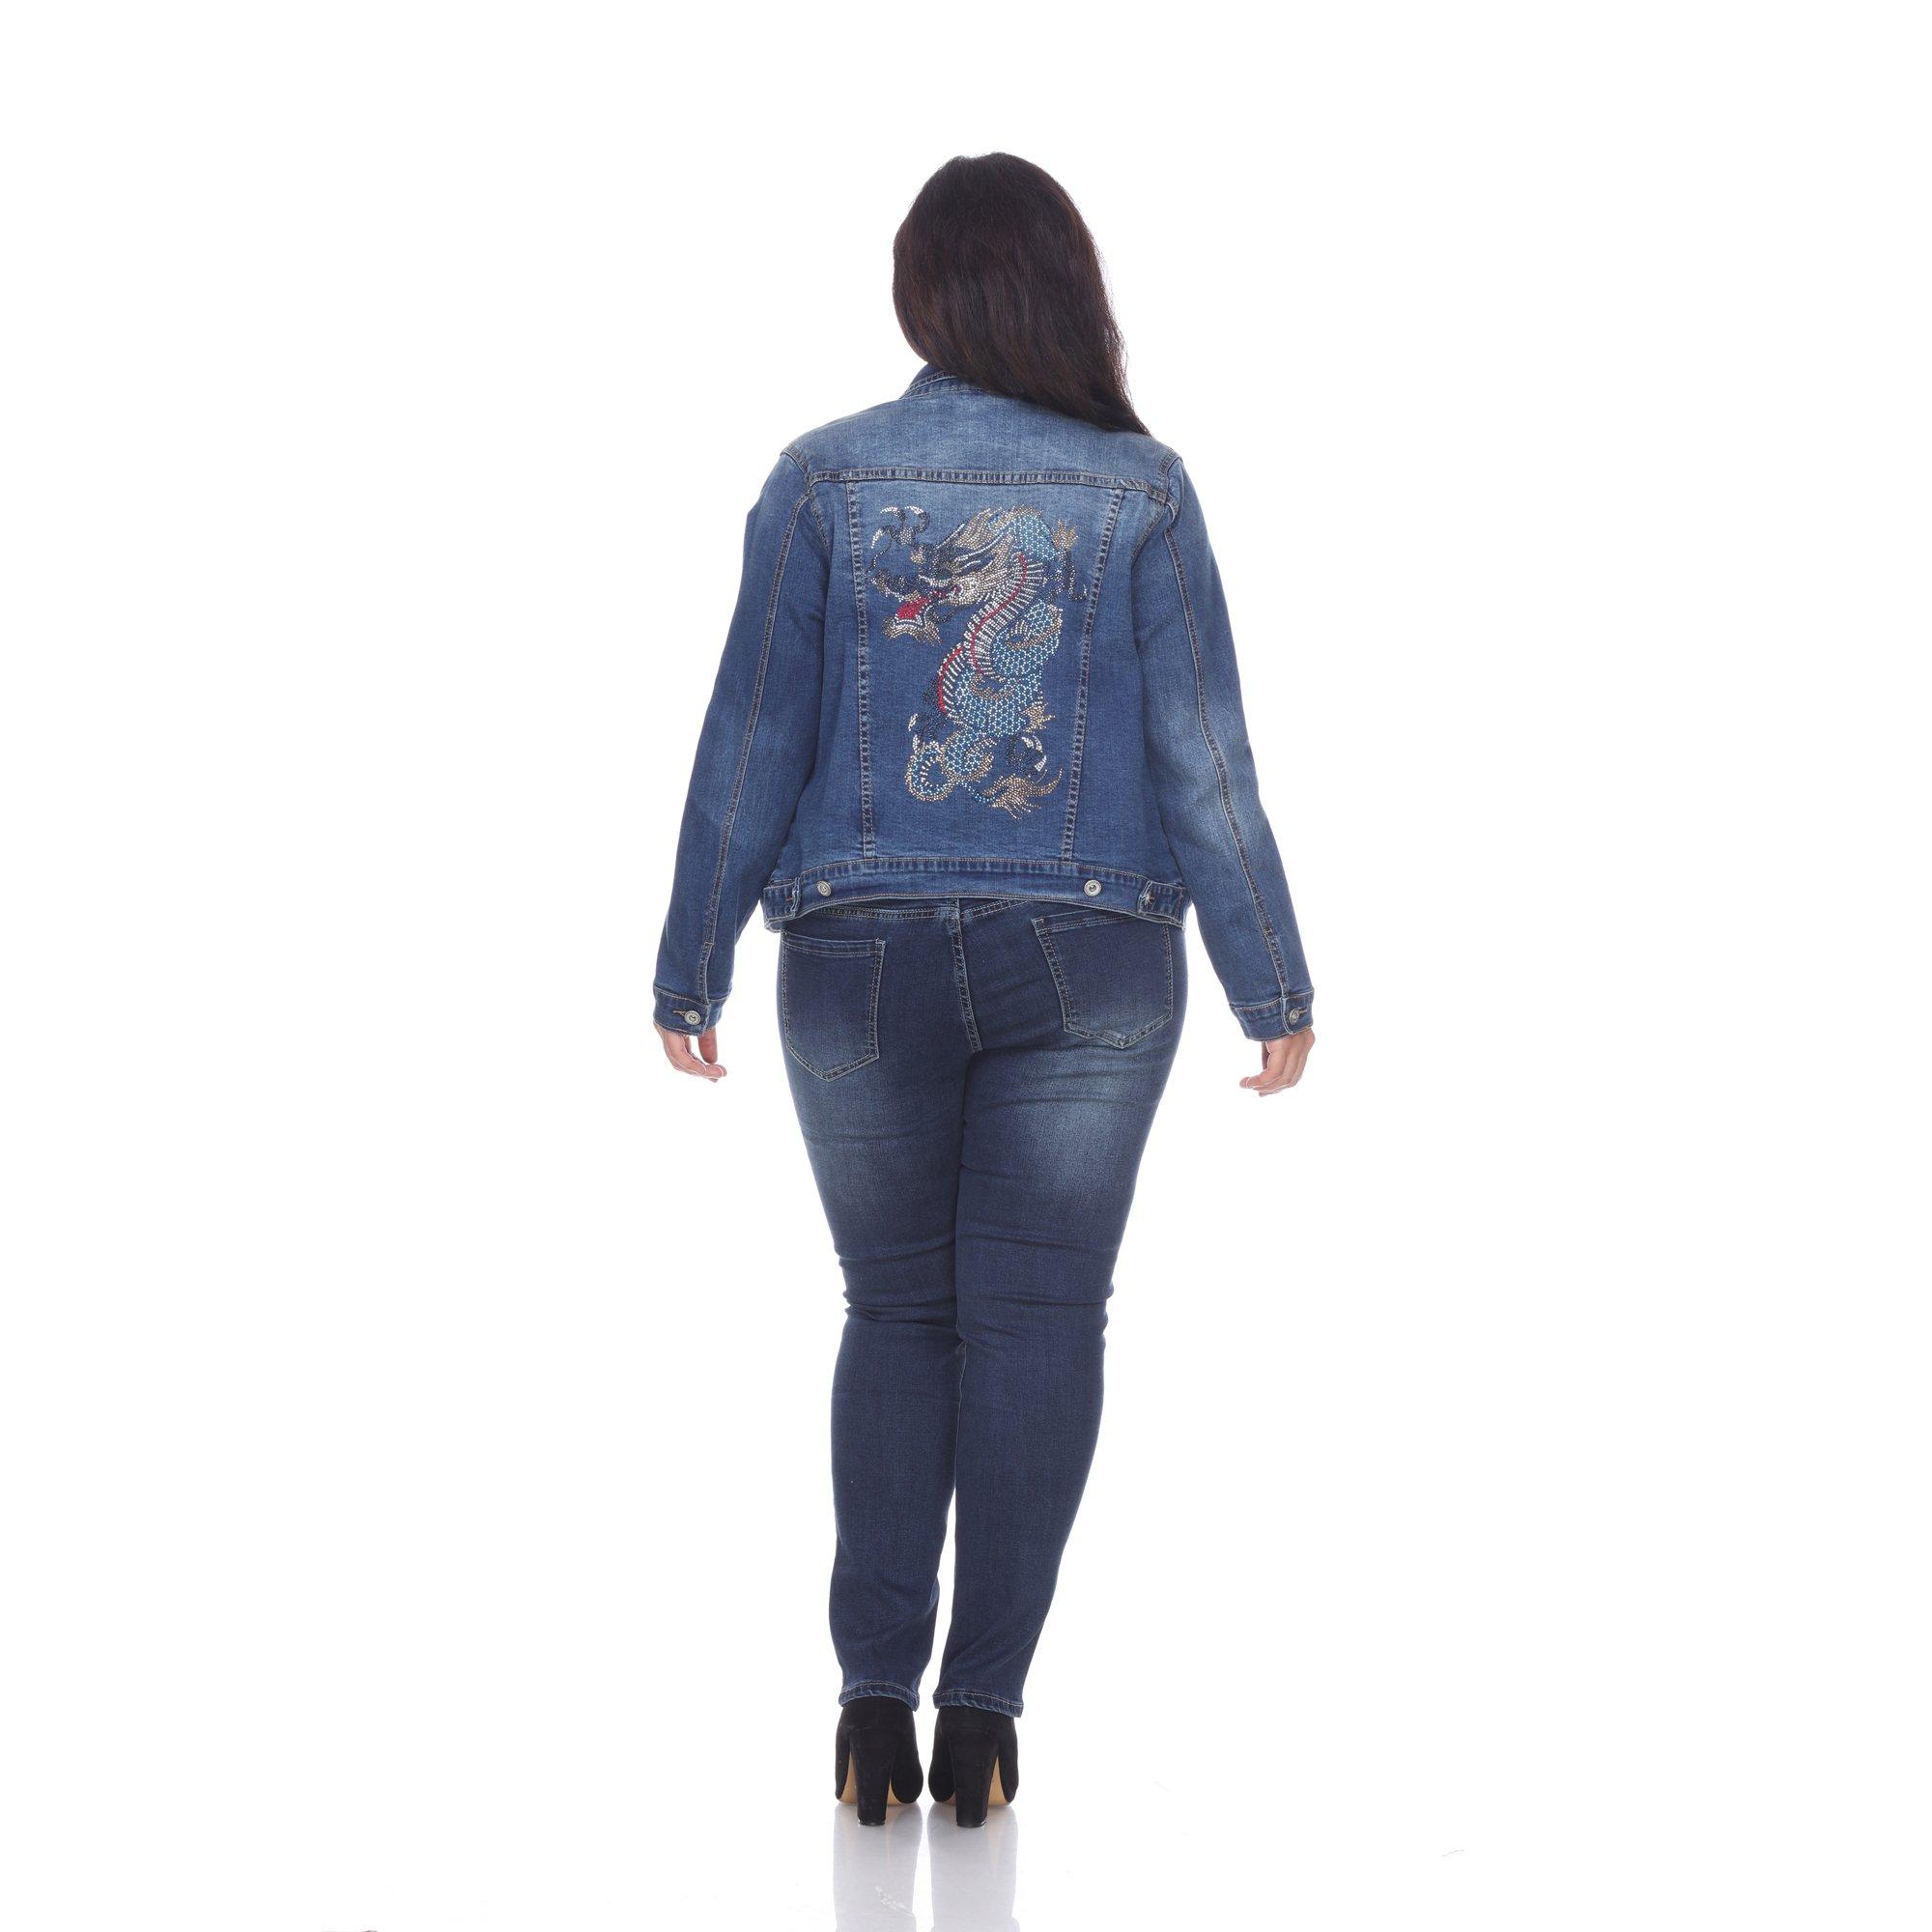 Women's Plus Size Denim Jacket with Dragon Embellished Gem Design